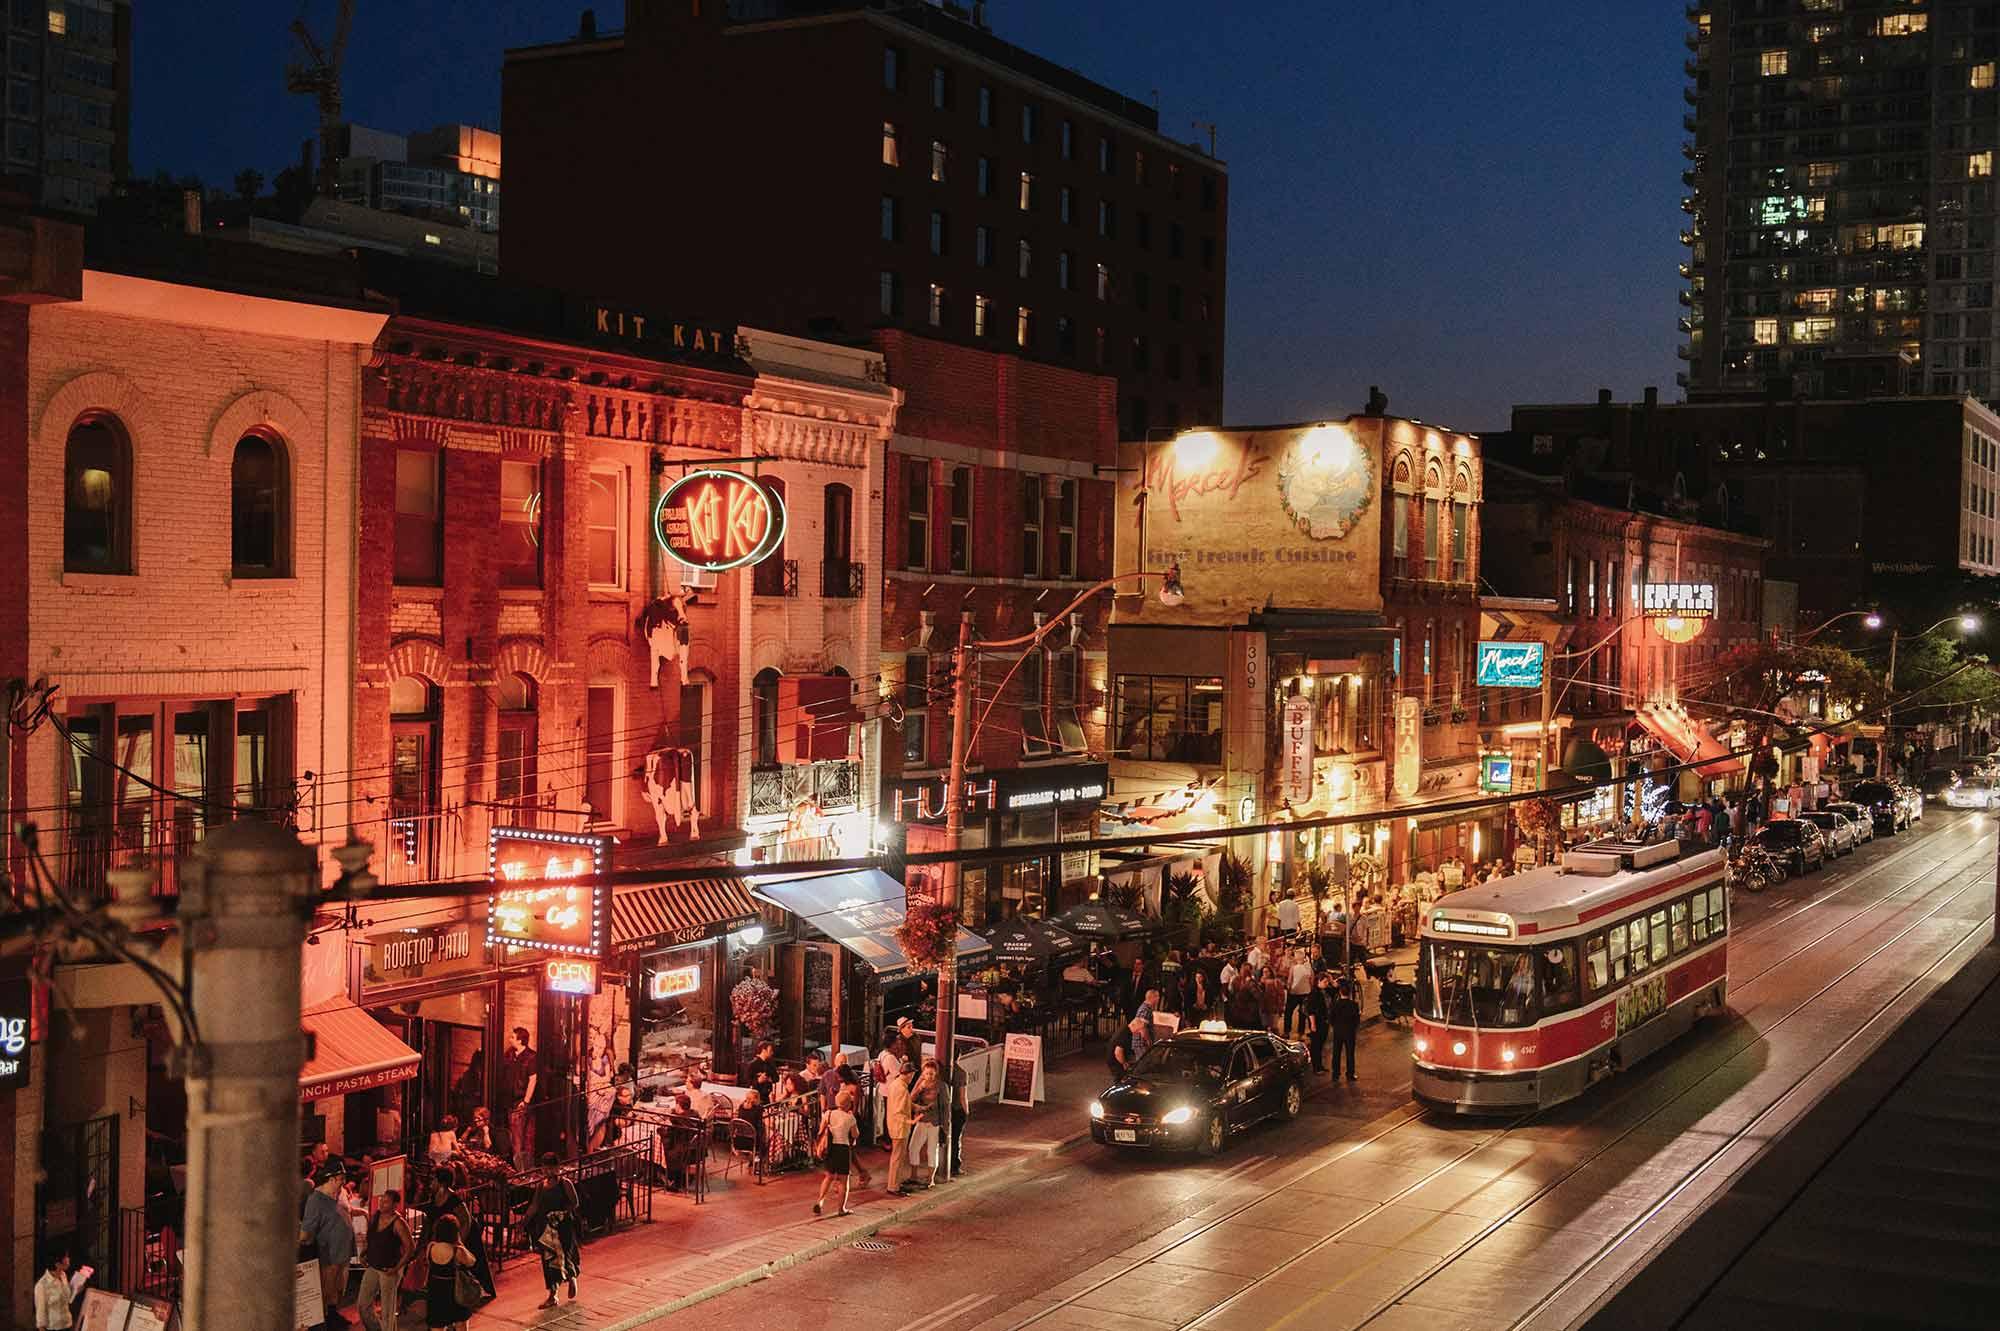 Le quartier des divertissements, Toronto